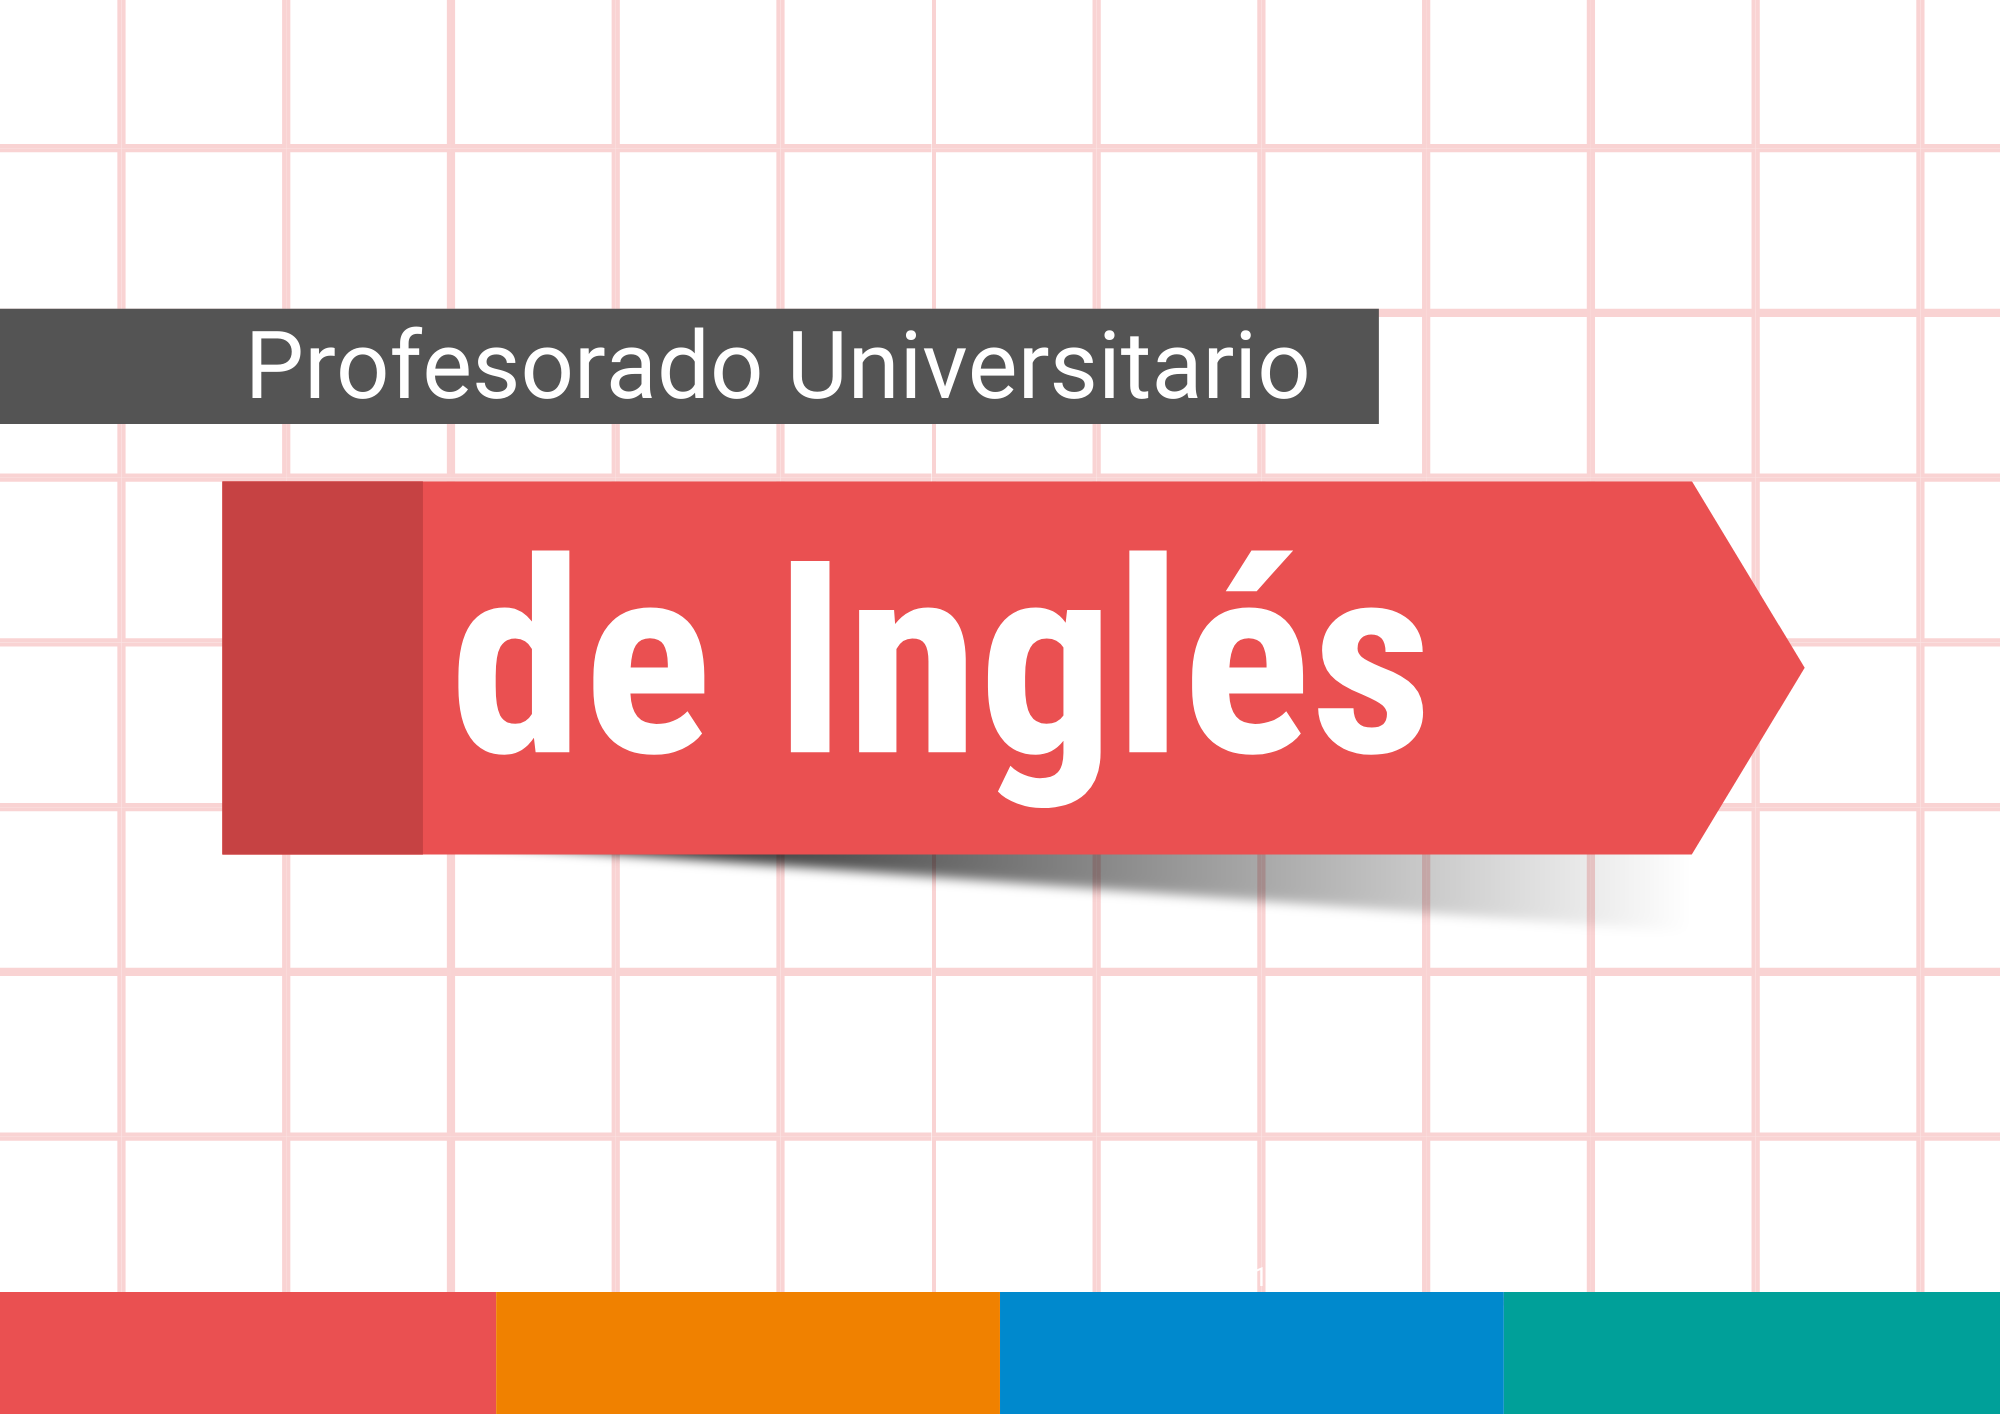 Prof Univ de Ingles